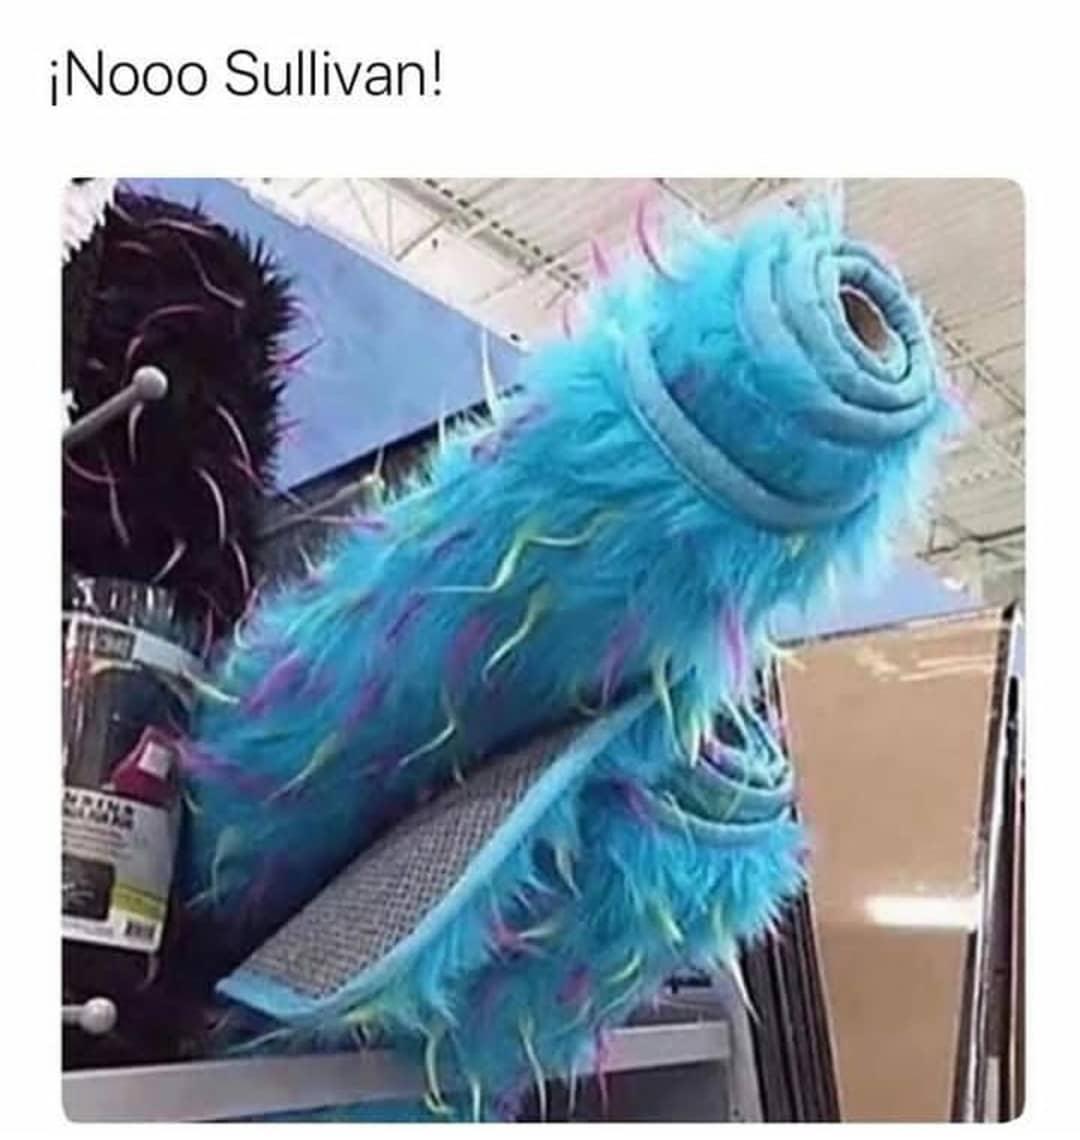 ¡Nooo Sullivan!